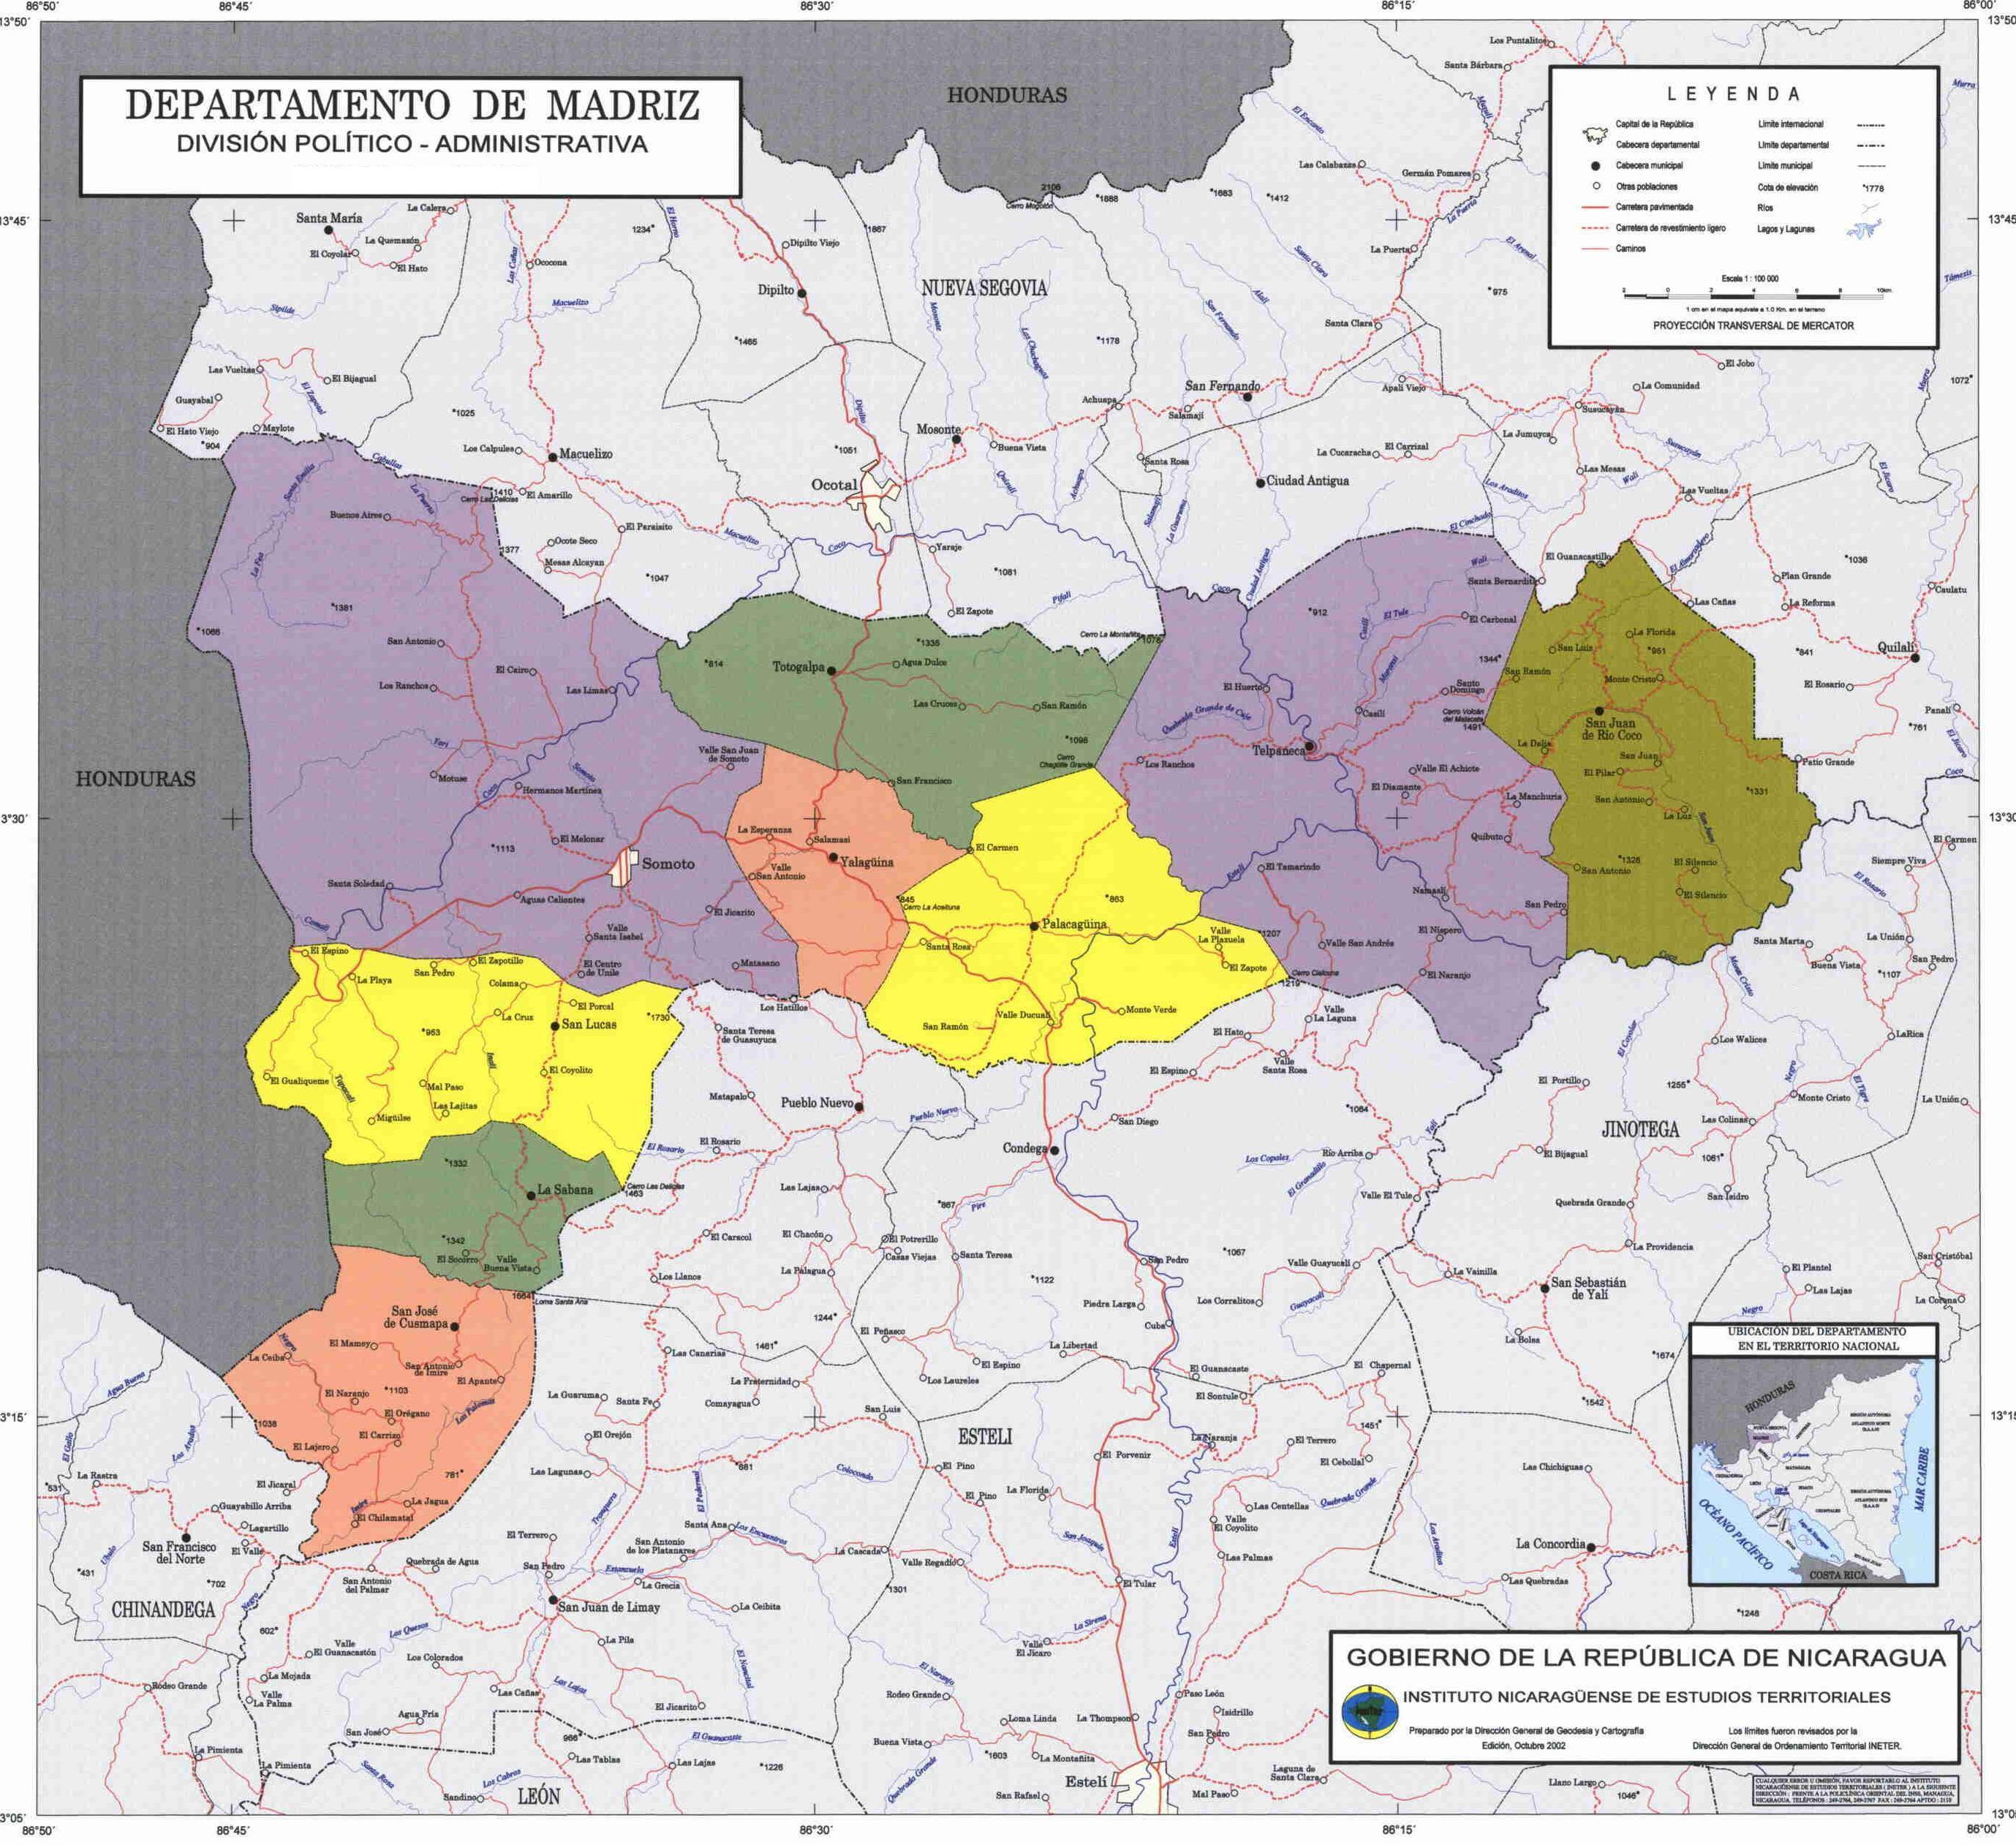 Mapa de Madriz, División Político-Administrativa del Departamento, Nicaragua